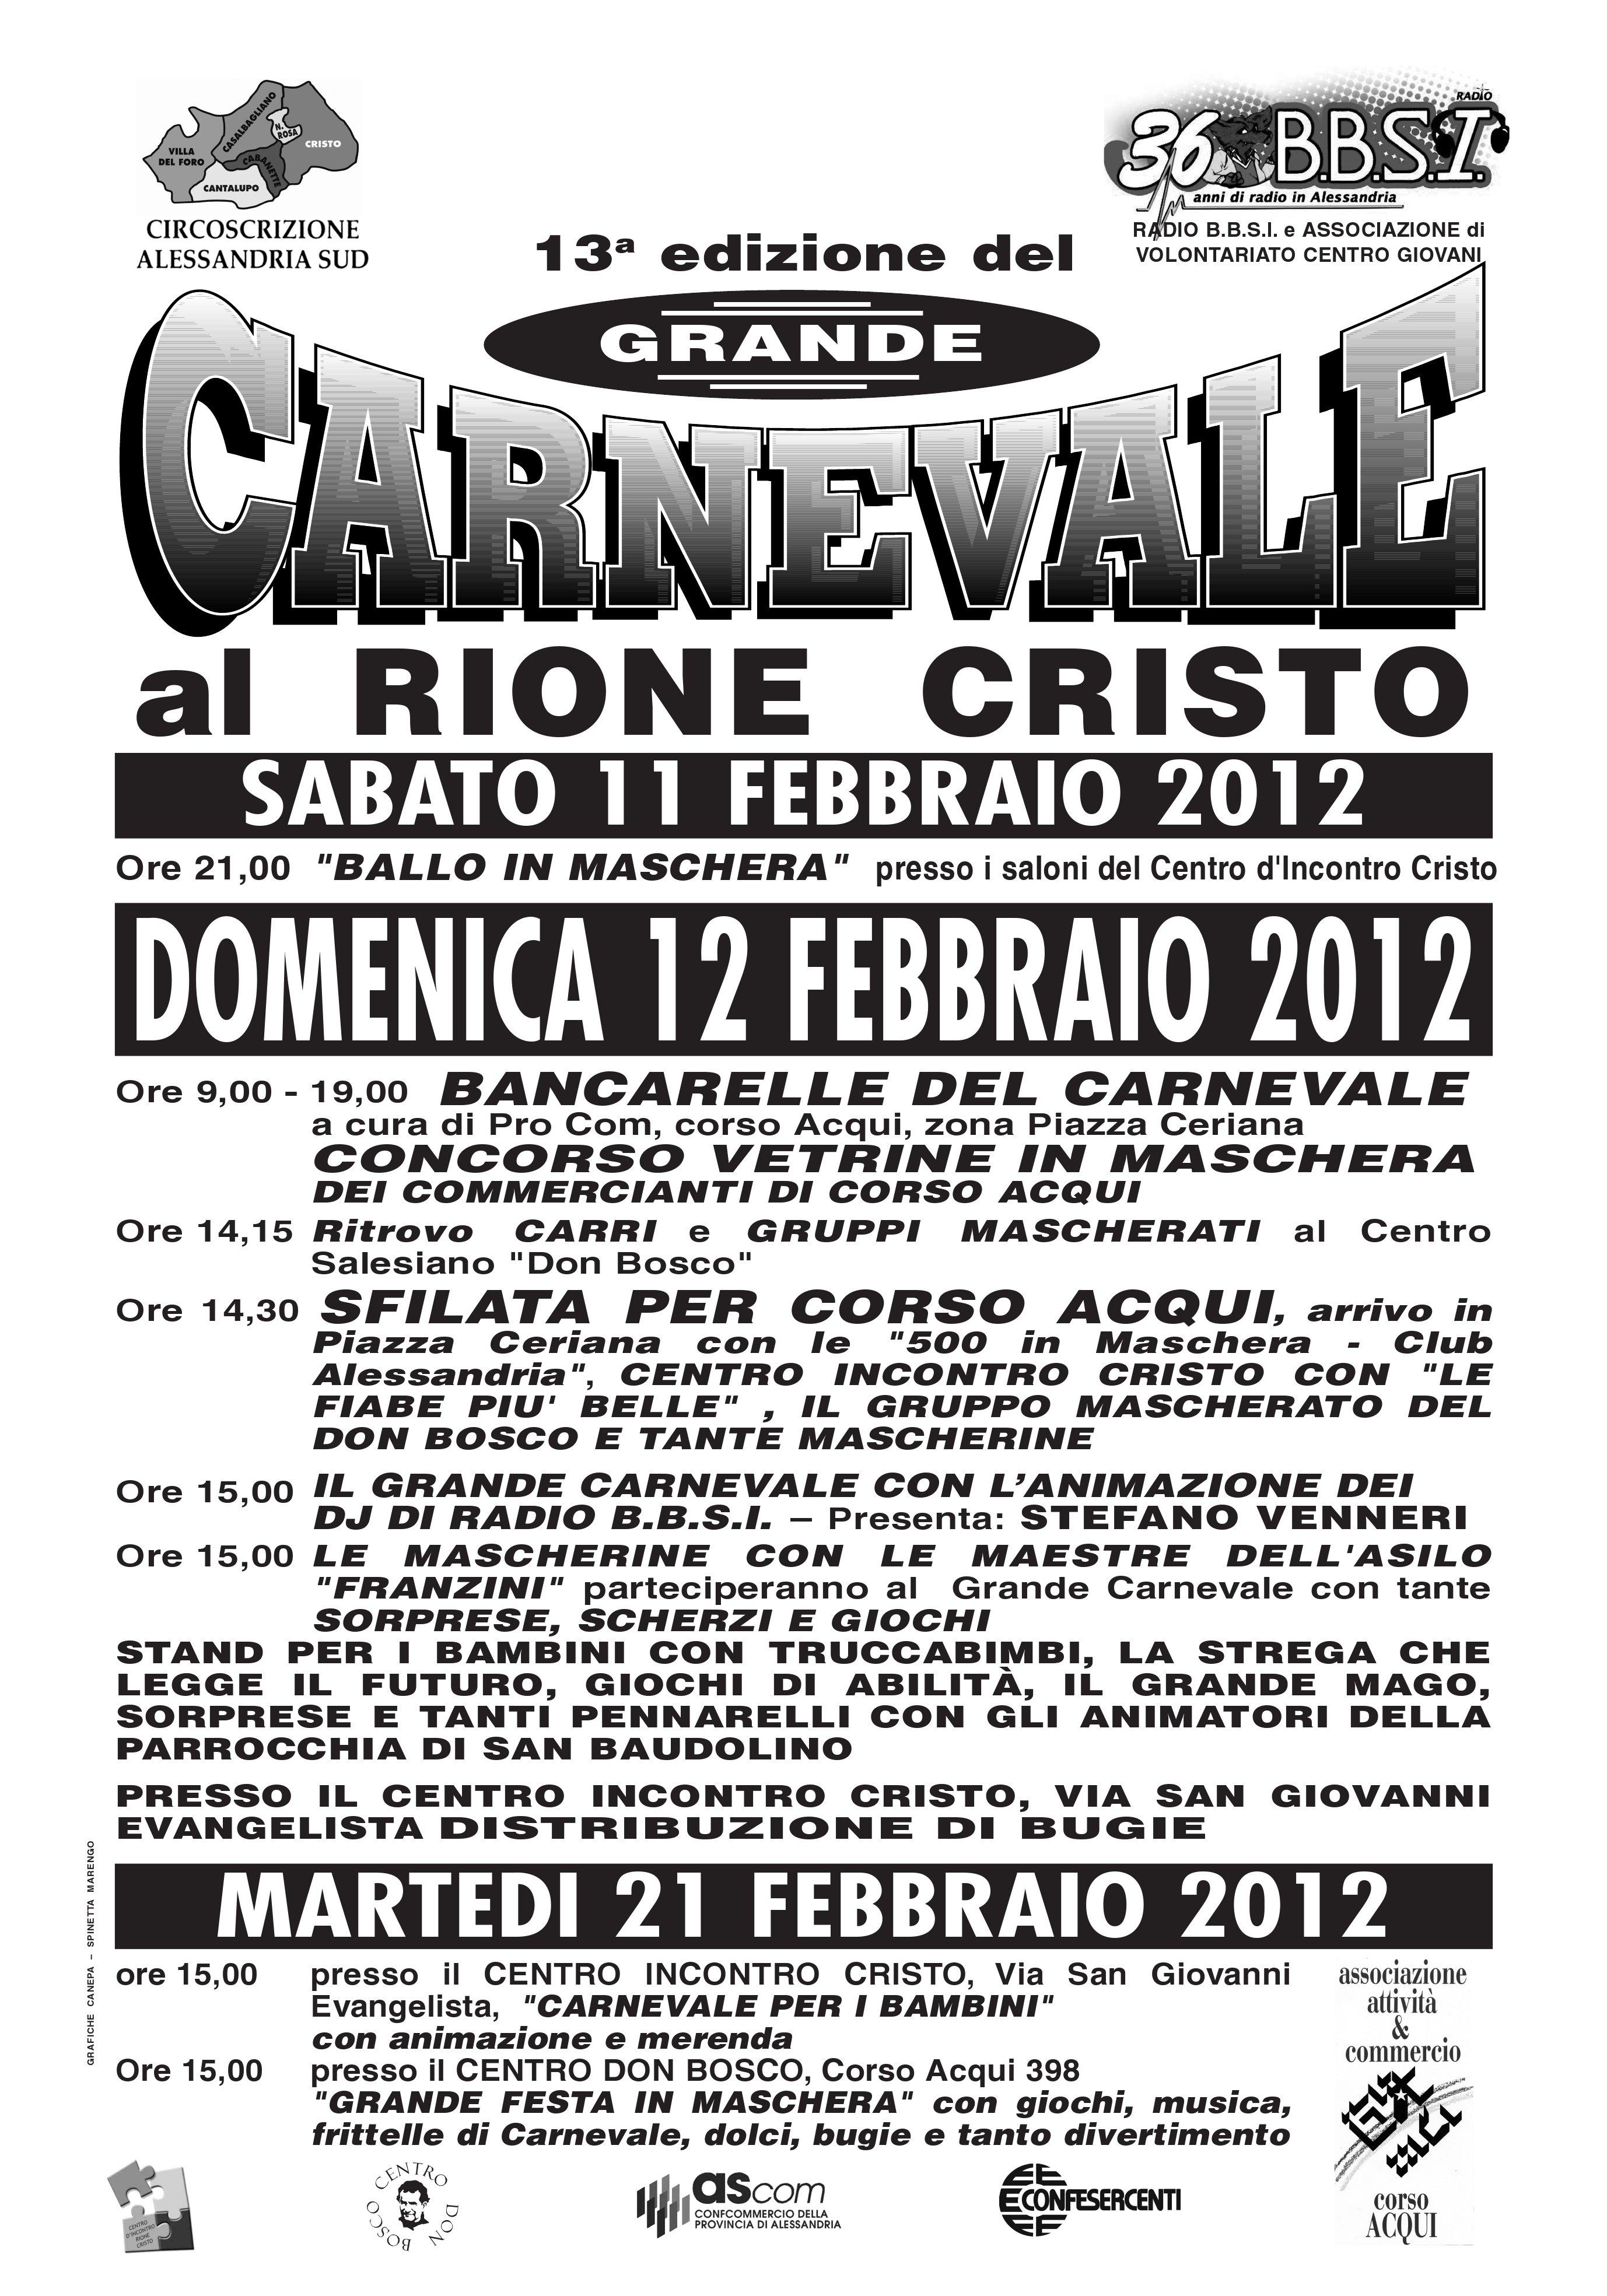 Carnevale al Cristo 2012